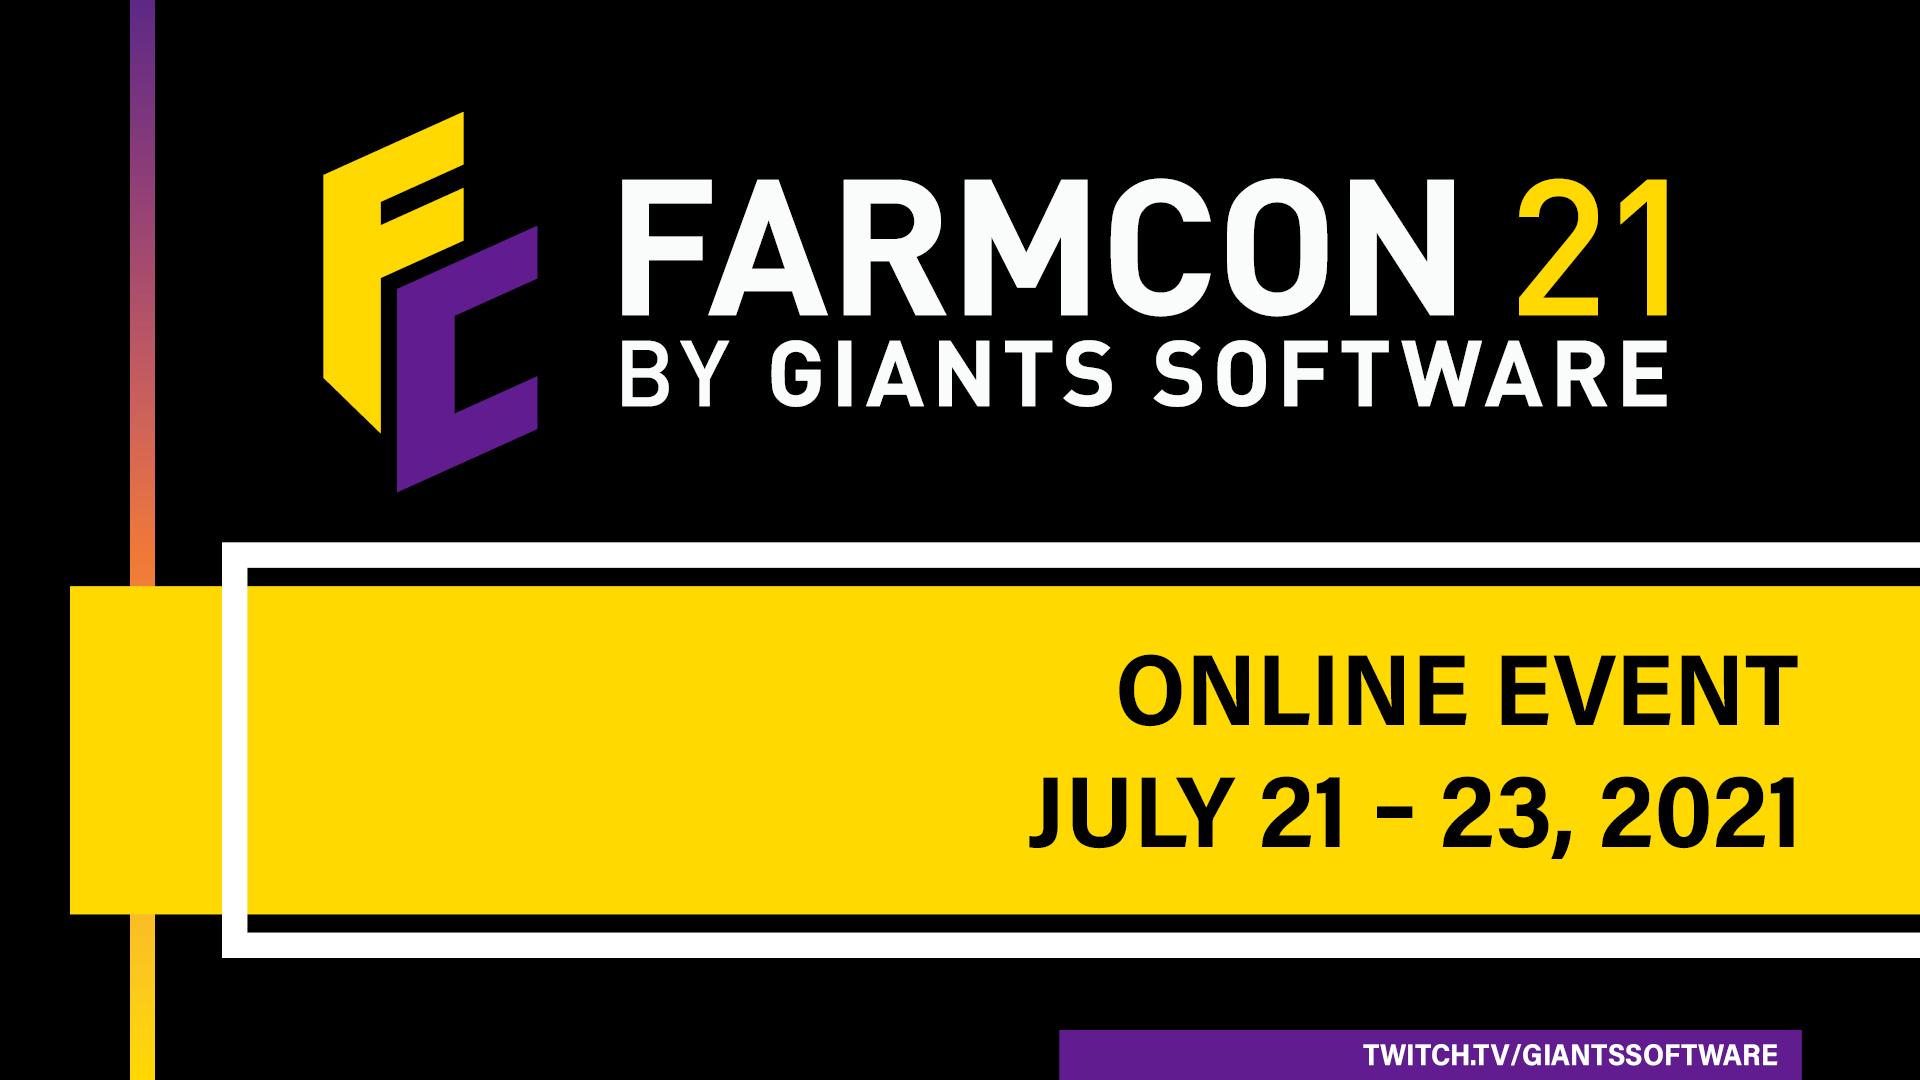 GIANTS Software presenterà Farming Simulator 22 al FarmCon 21